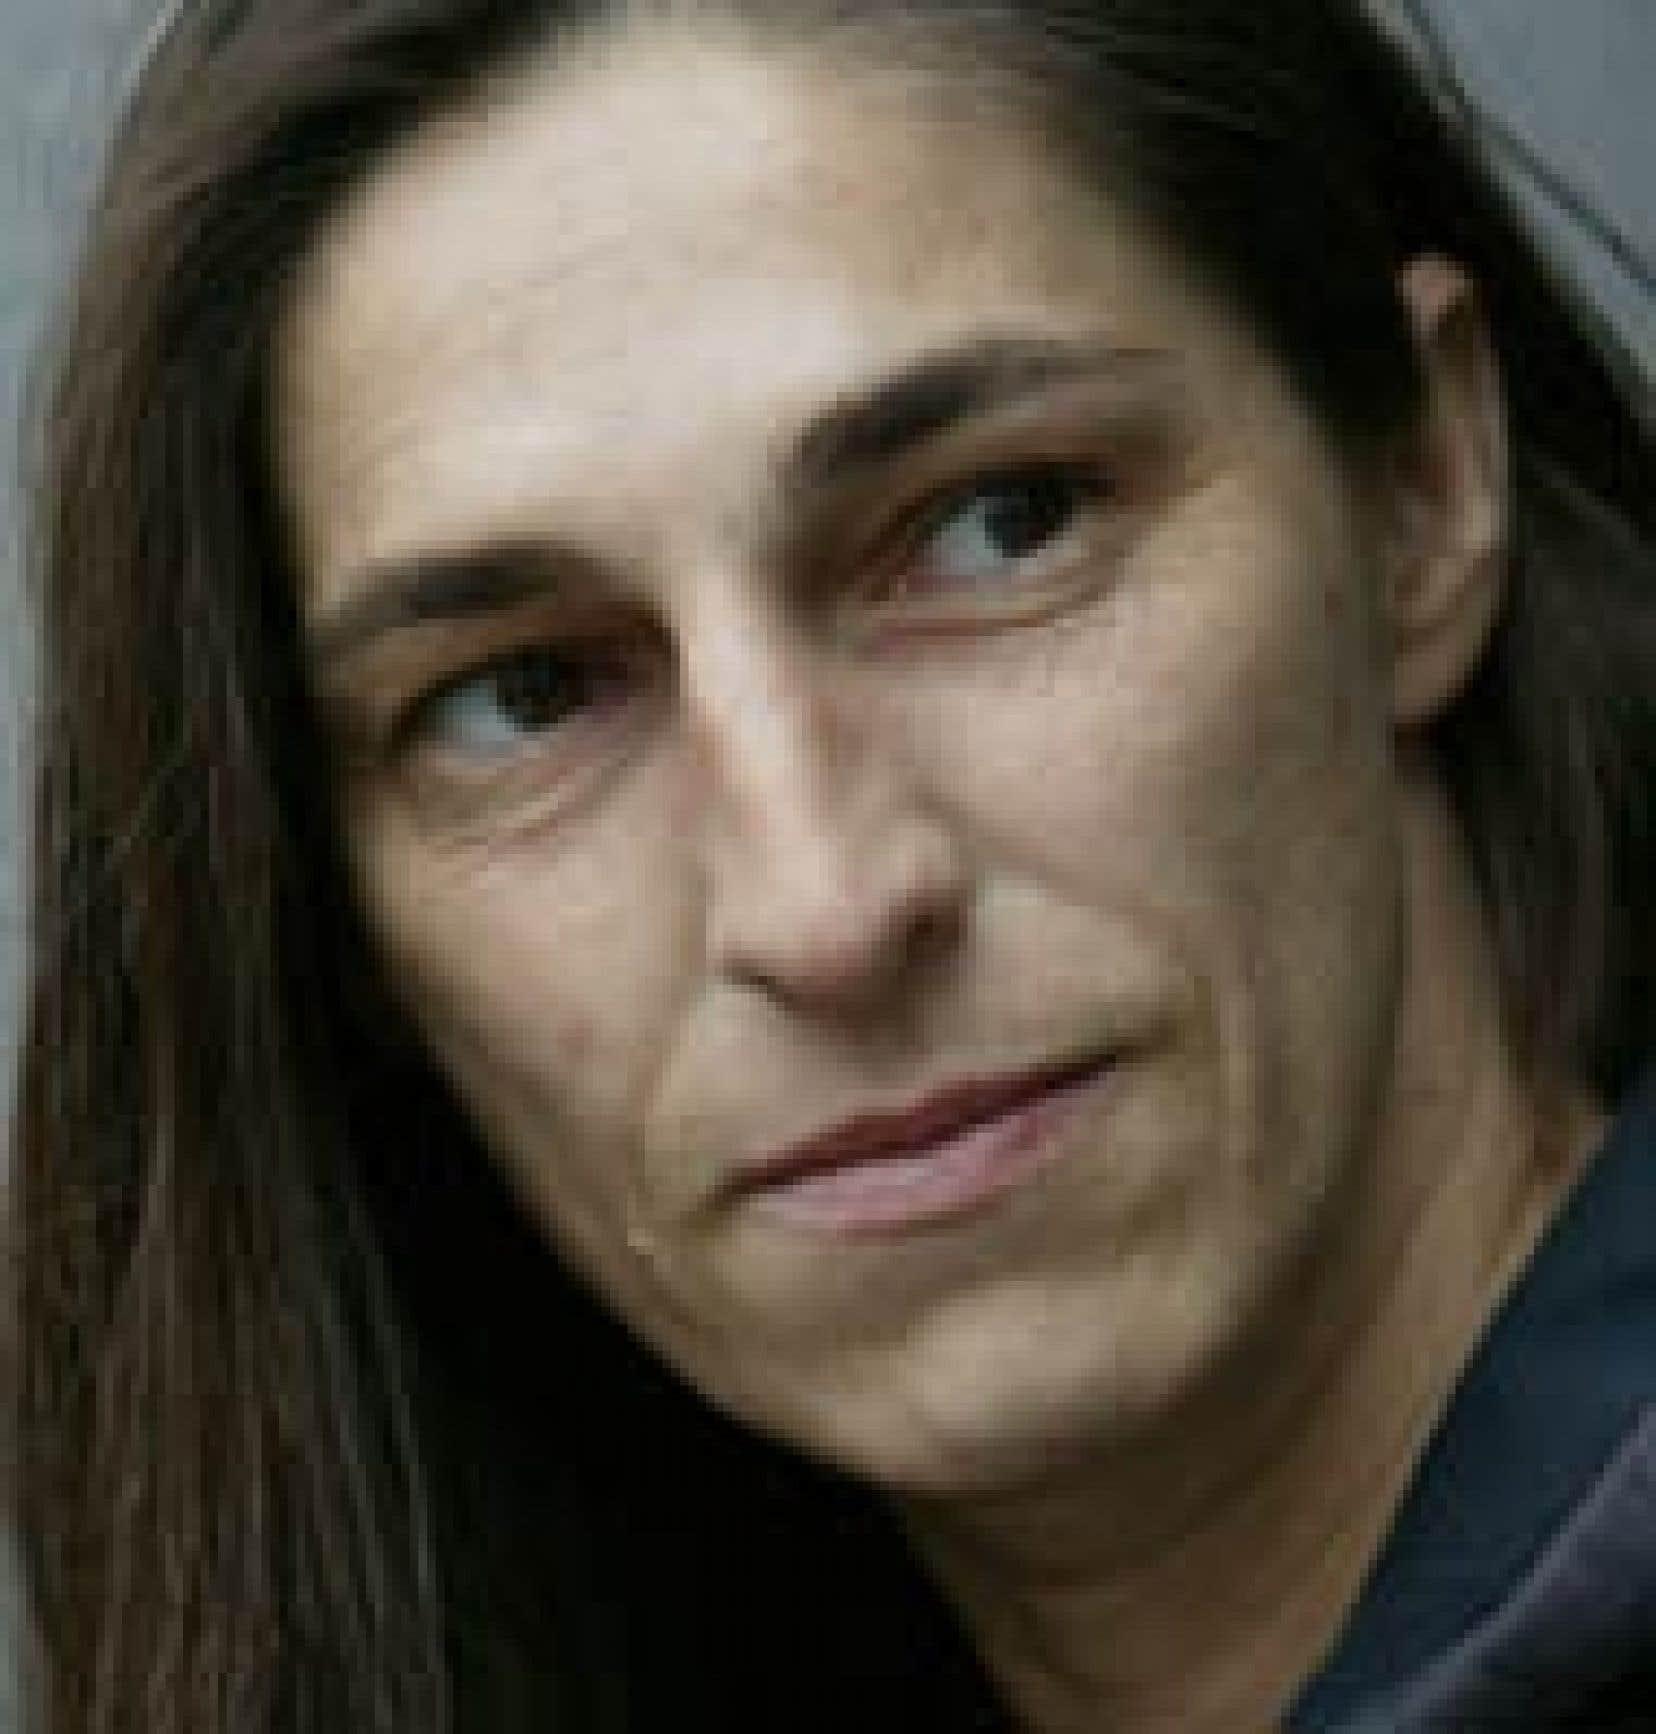 La cinéaste française Valérie Minetto est de passage au Québec dans le cadre du FNC.